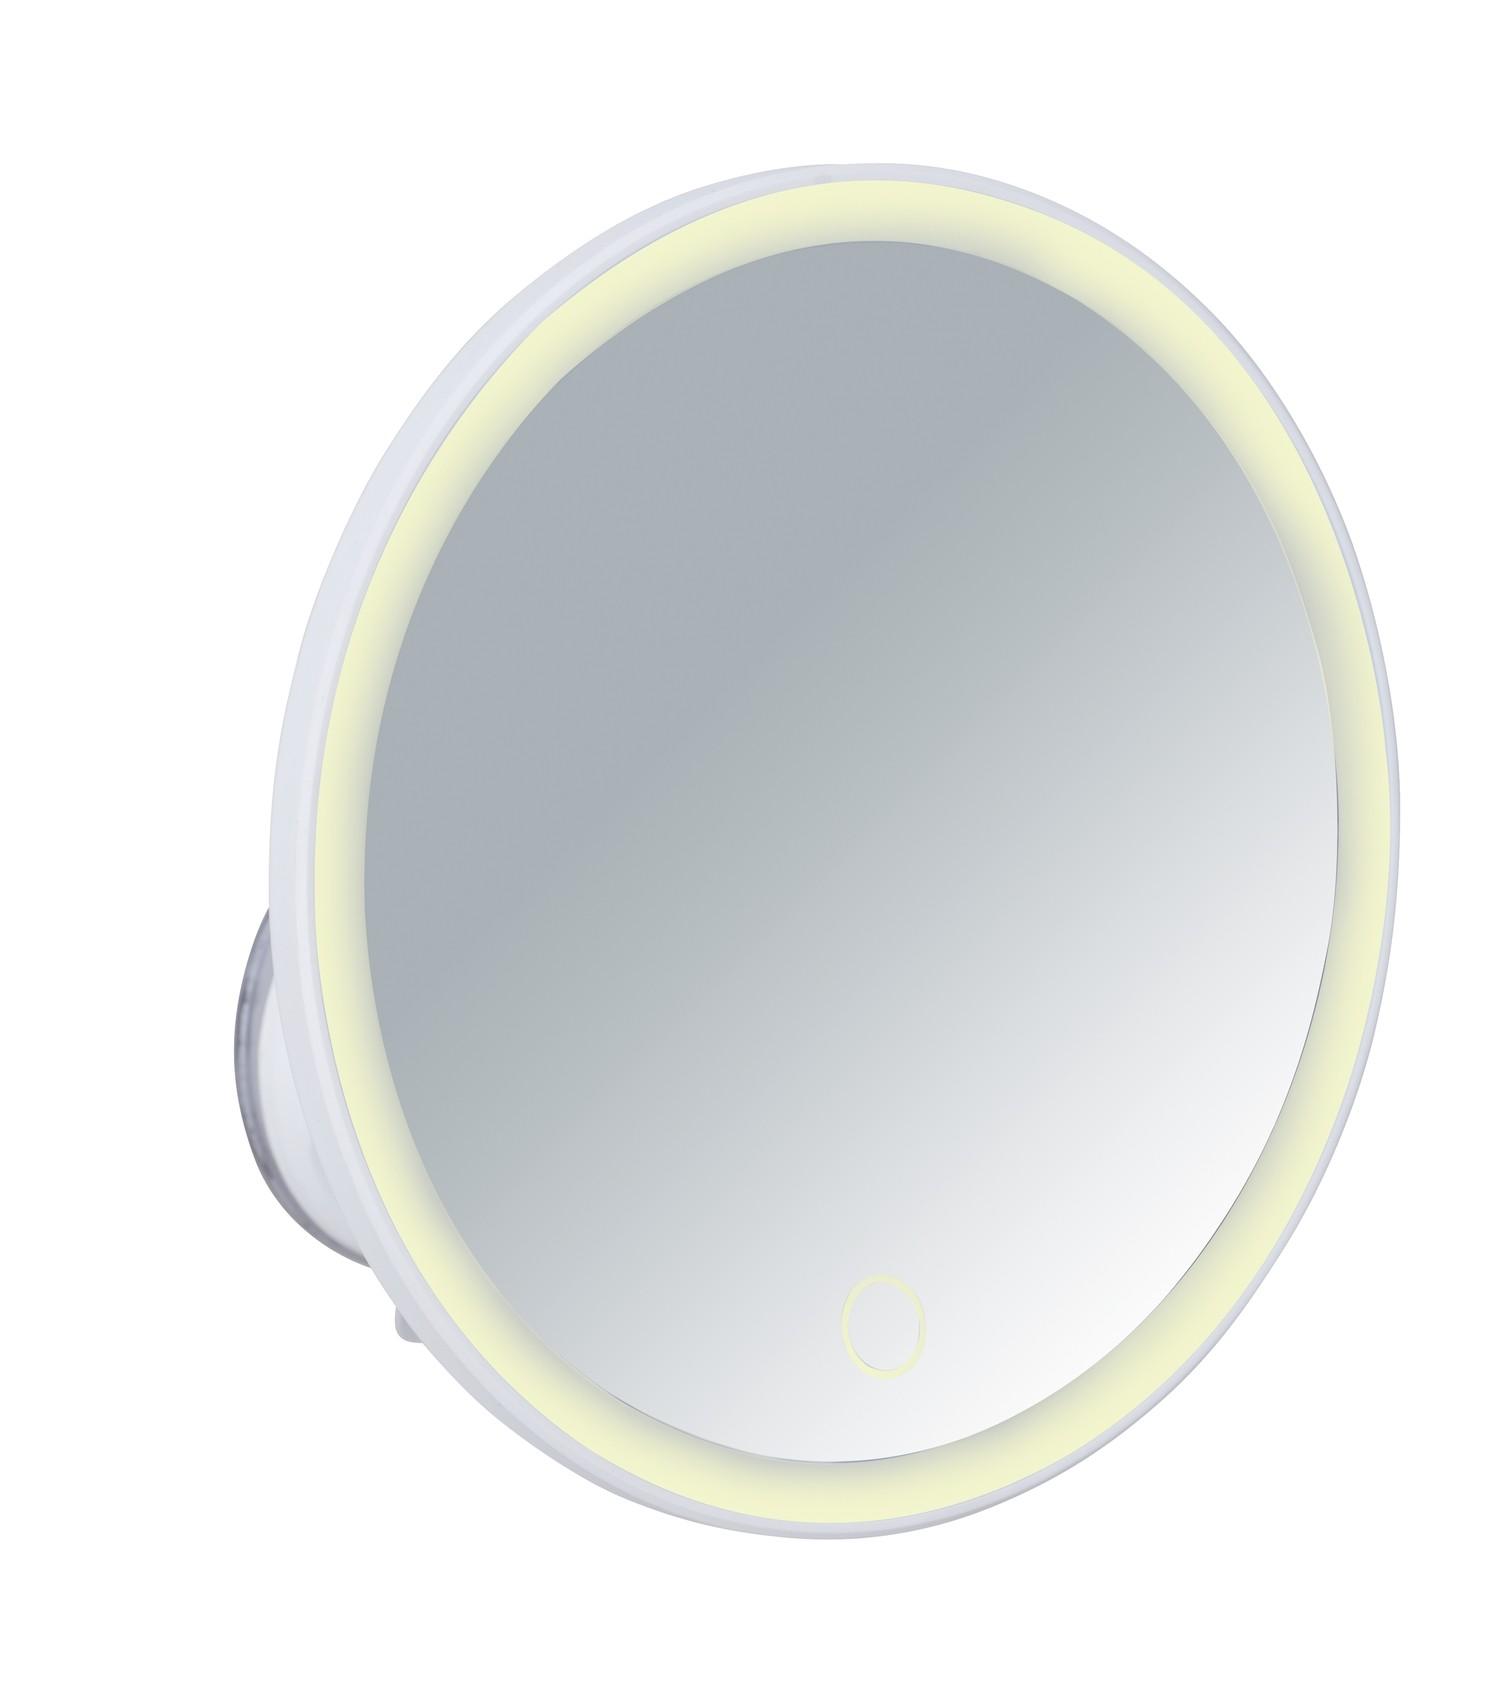 Wenko LED-Wandspiegel Isola, mit Saugnapf, 5-fach Vergrößerung